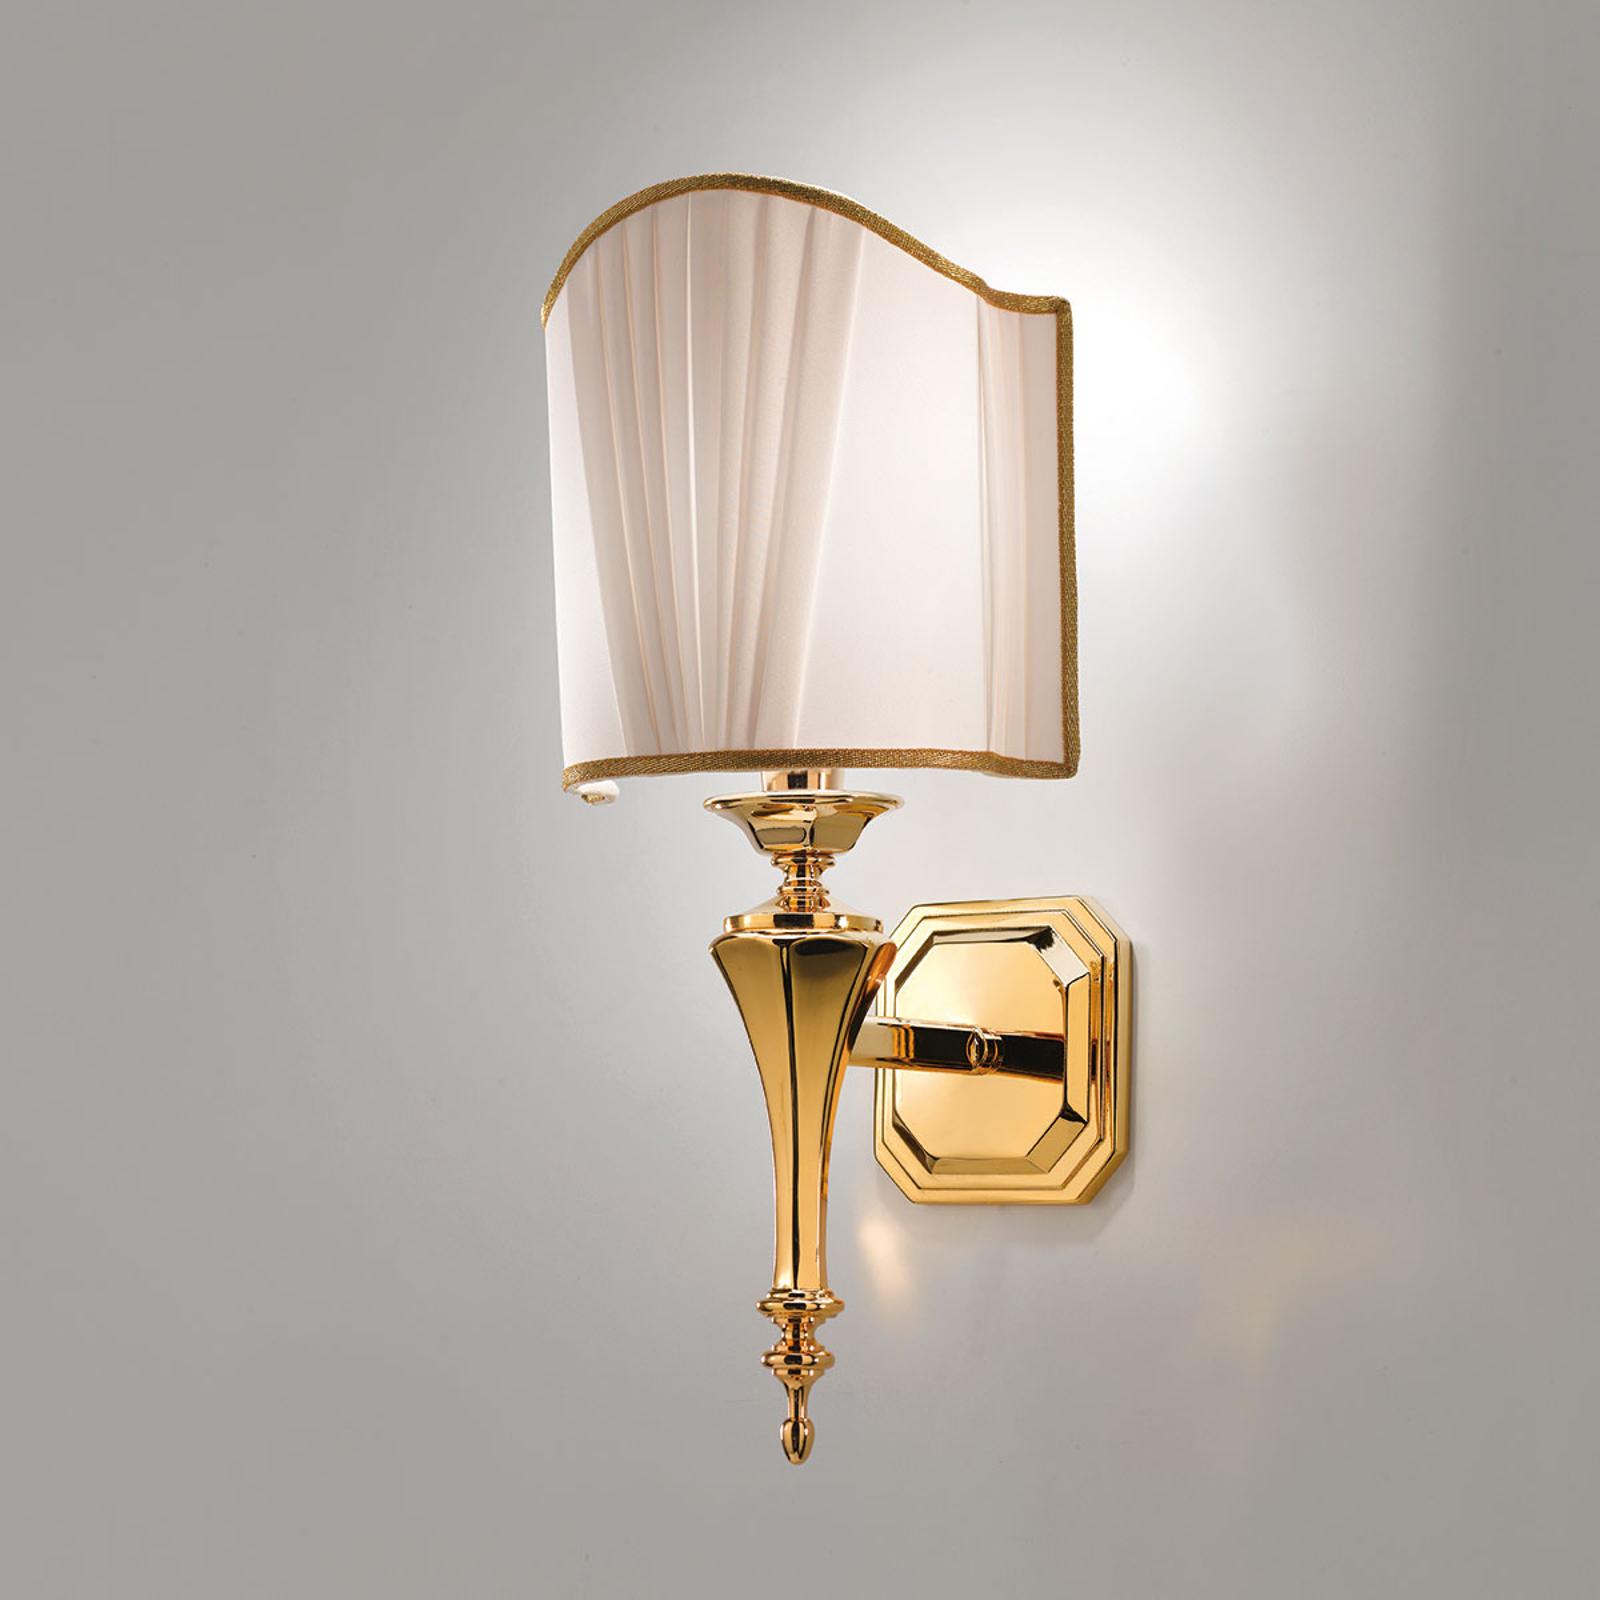 Belle Epoque - fornem væglampe i guld